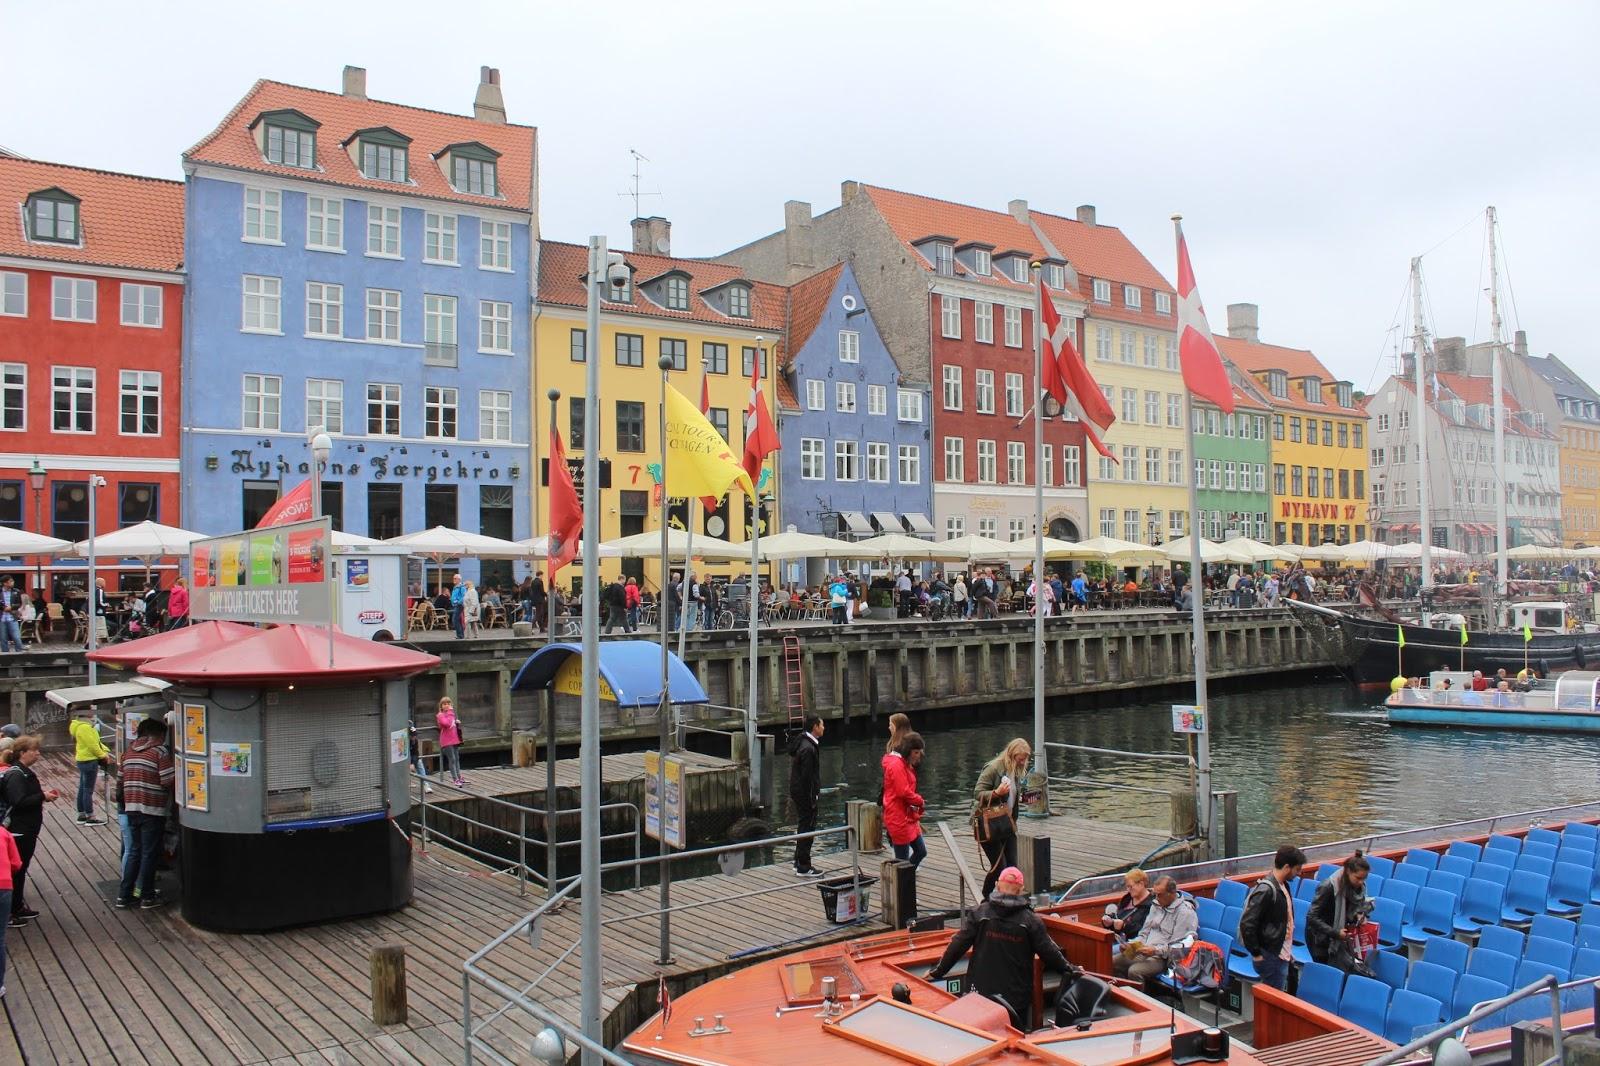 Nyhavn-Copenhague-Dinamarca